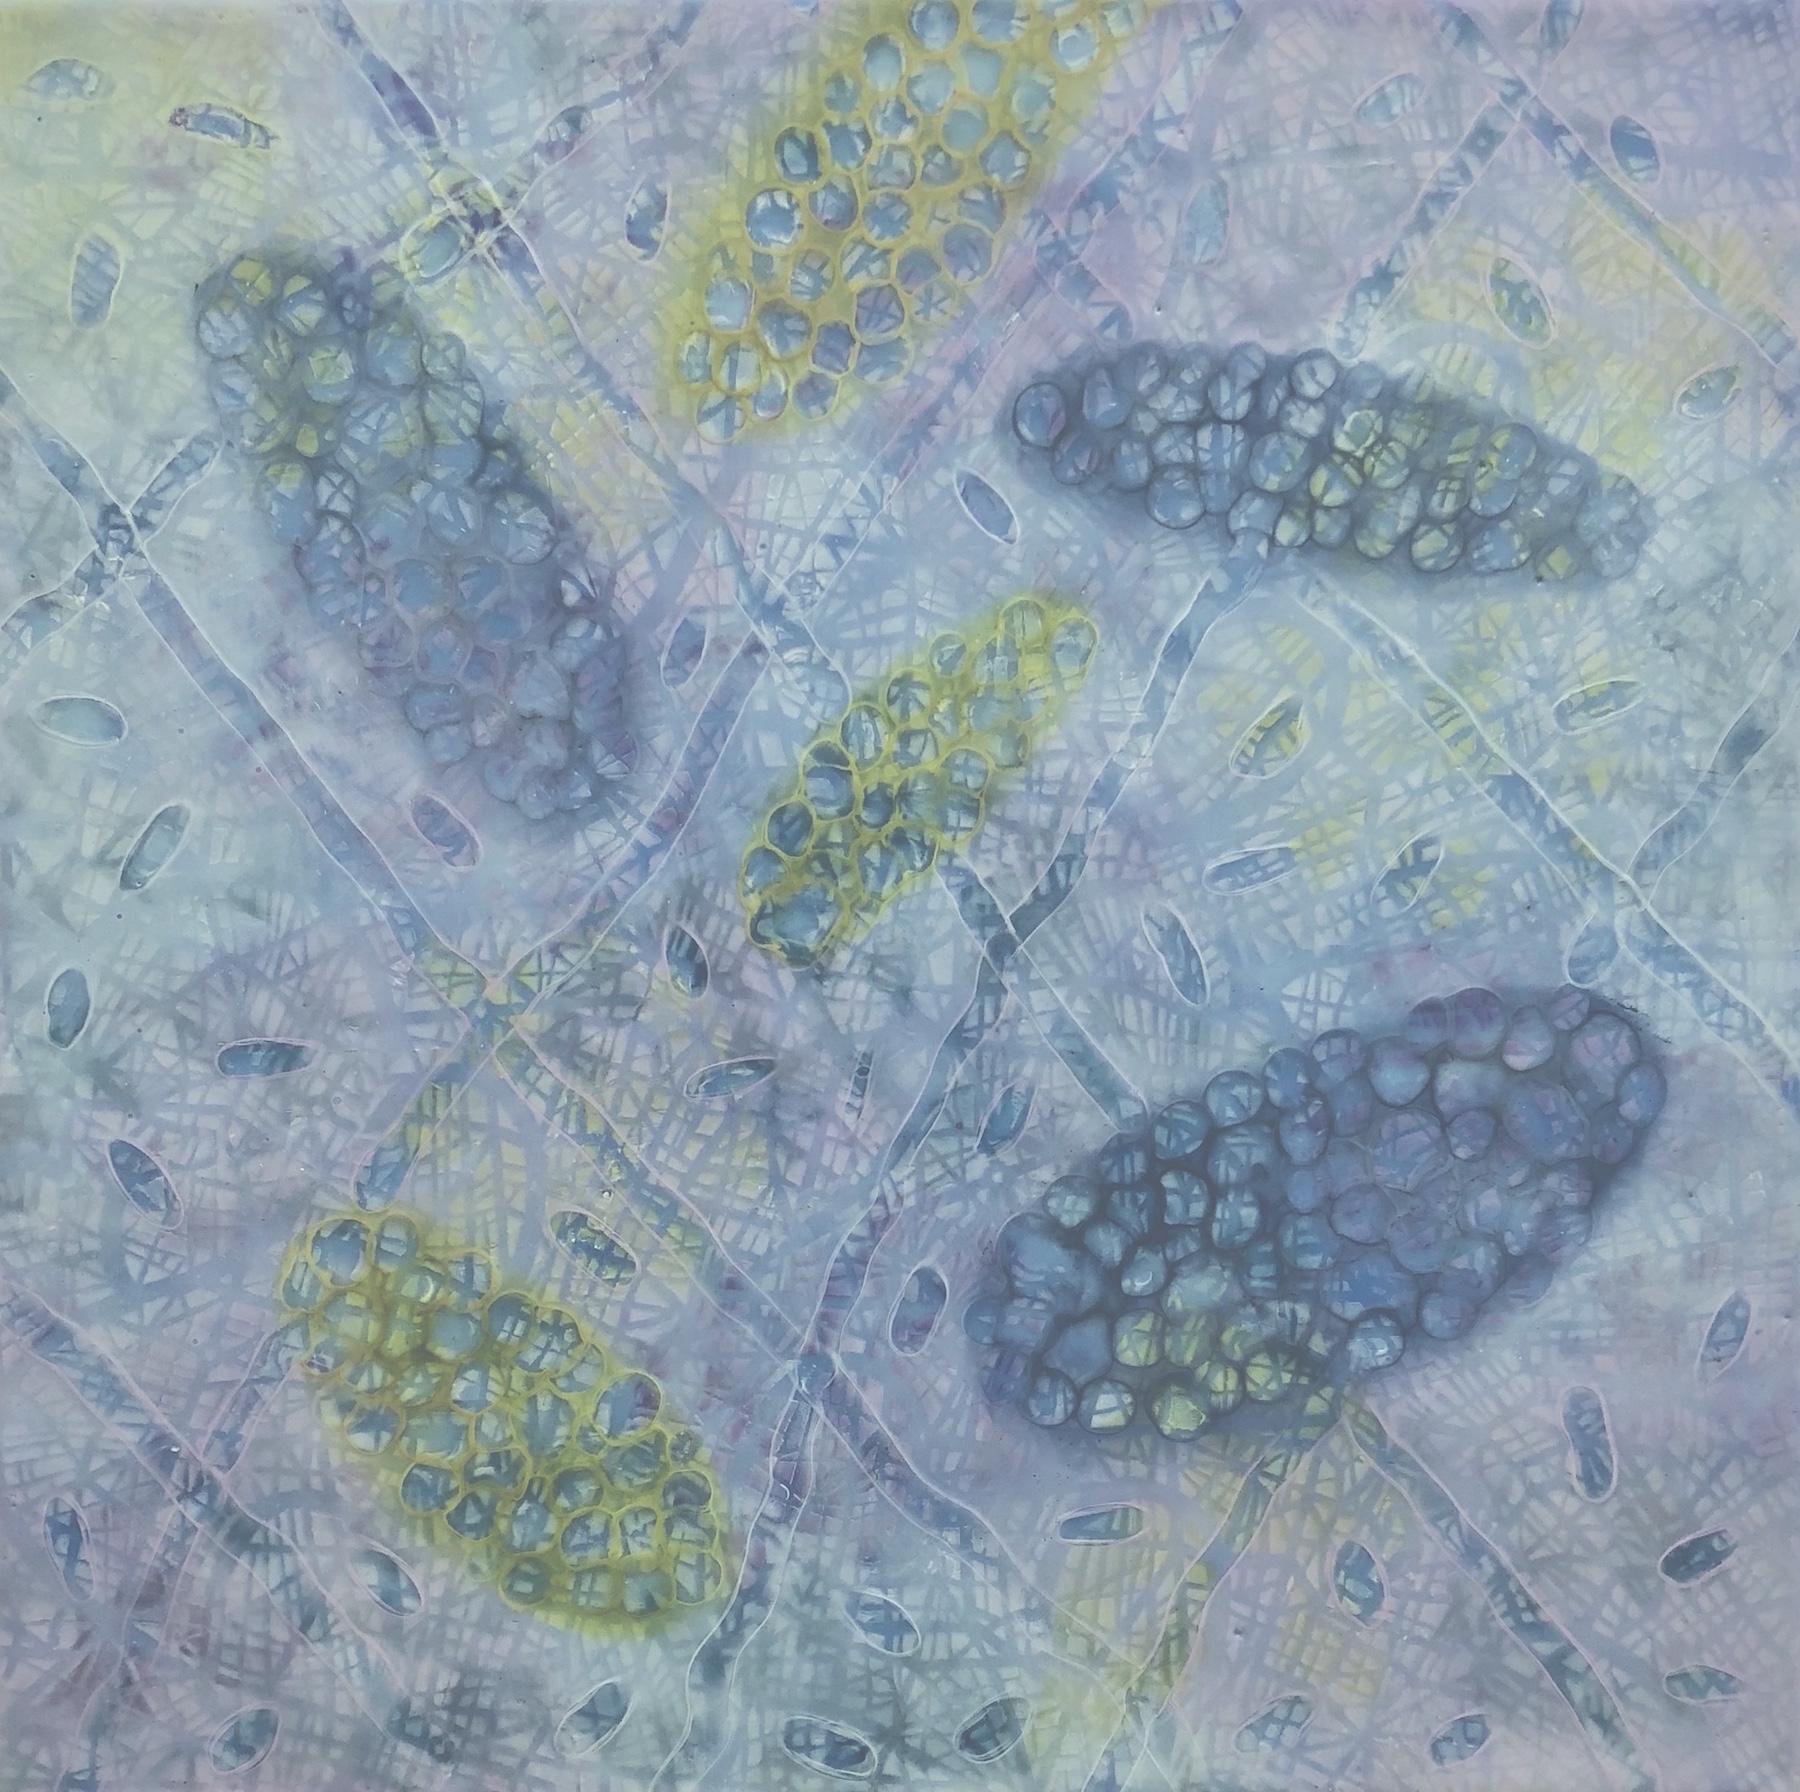 """Bio Patterns 8 , encaustic and pastel, 20"""" x 20"""""""